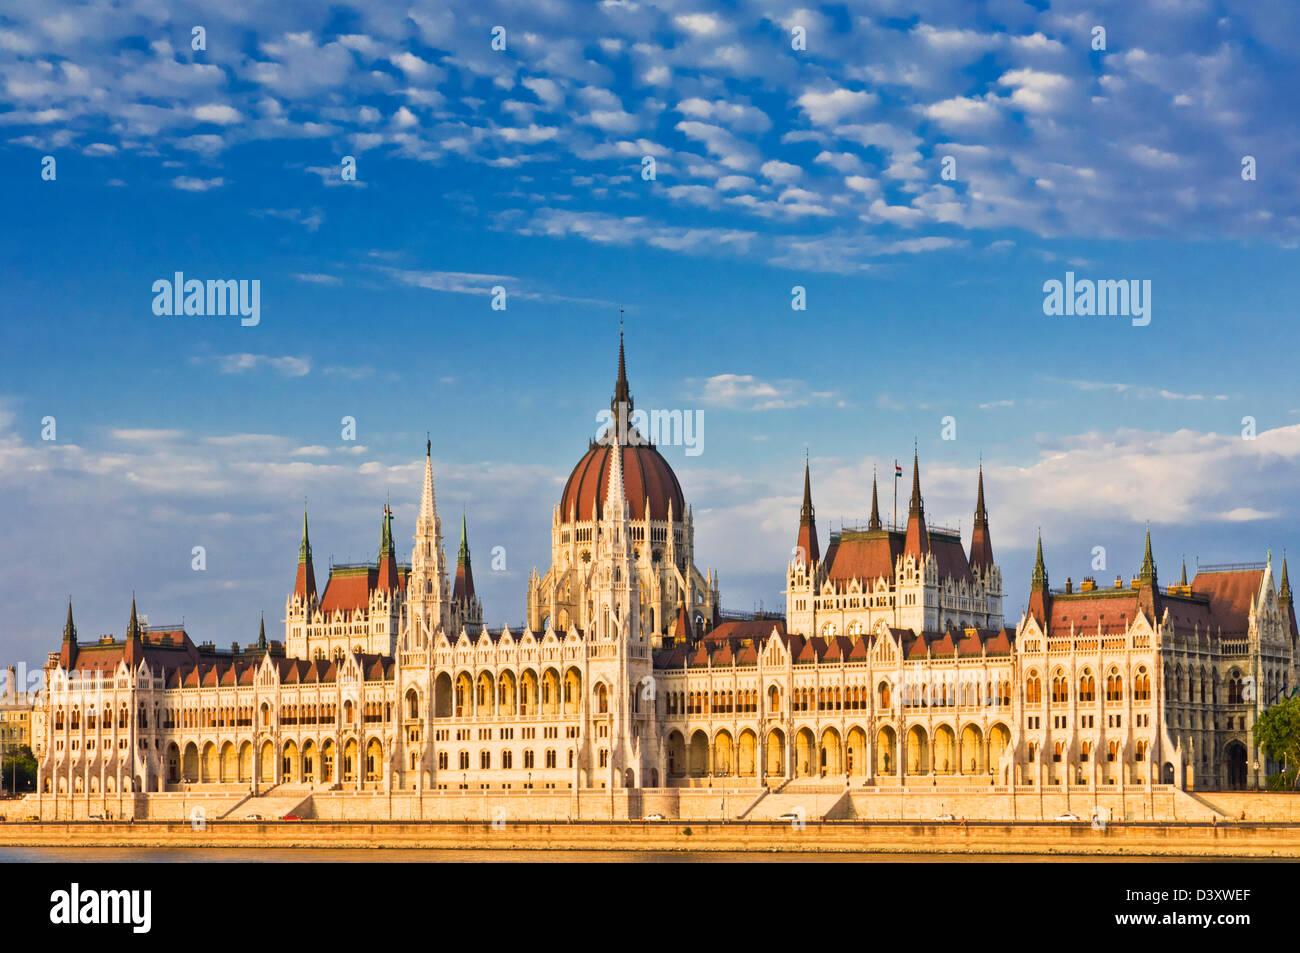 Das neugotische ungarischen Parlamentsgebäude, entworfen von Imre Steindl, Budapest, Ungarn, Europa, Eu Stockbild